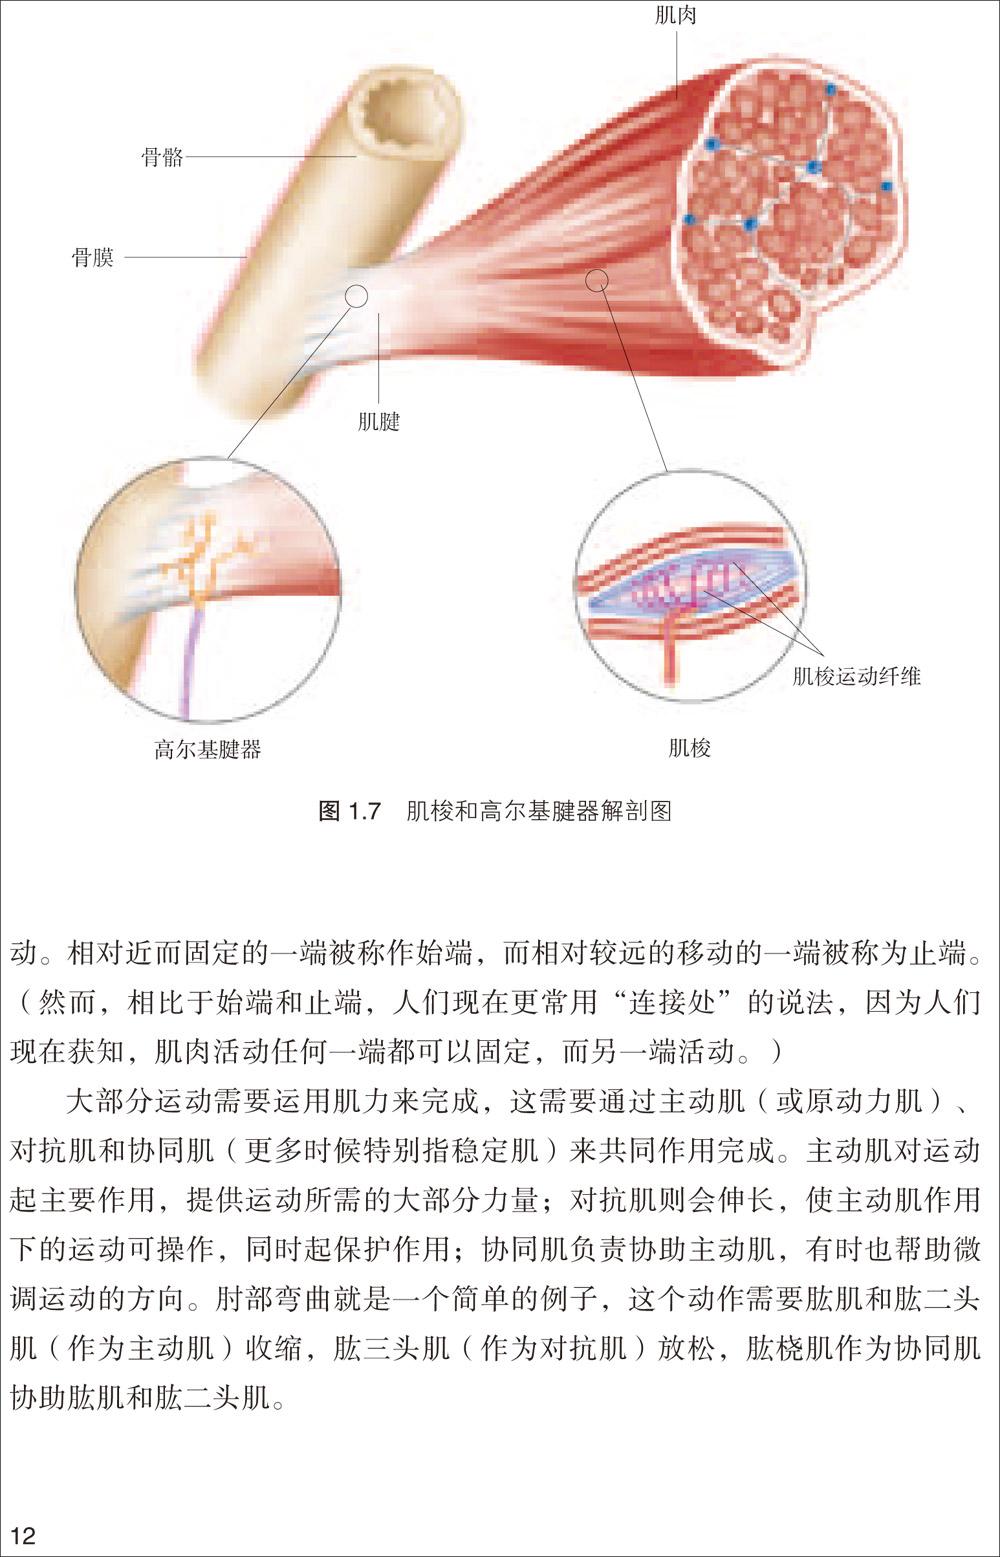 颈部骨头解剖结构图解-足骨头解剖结构图